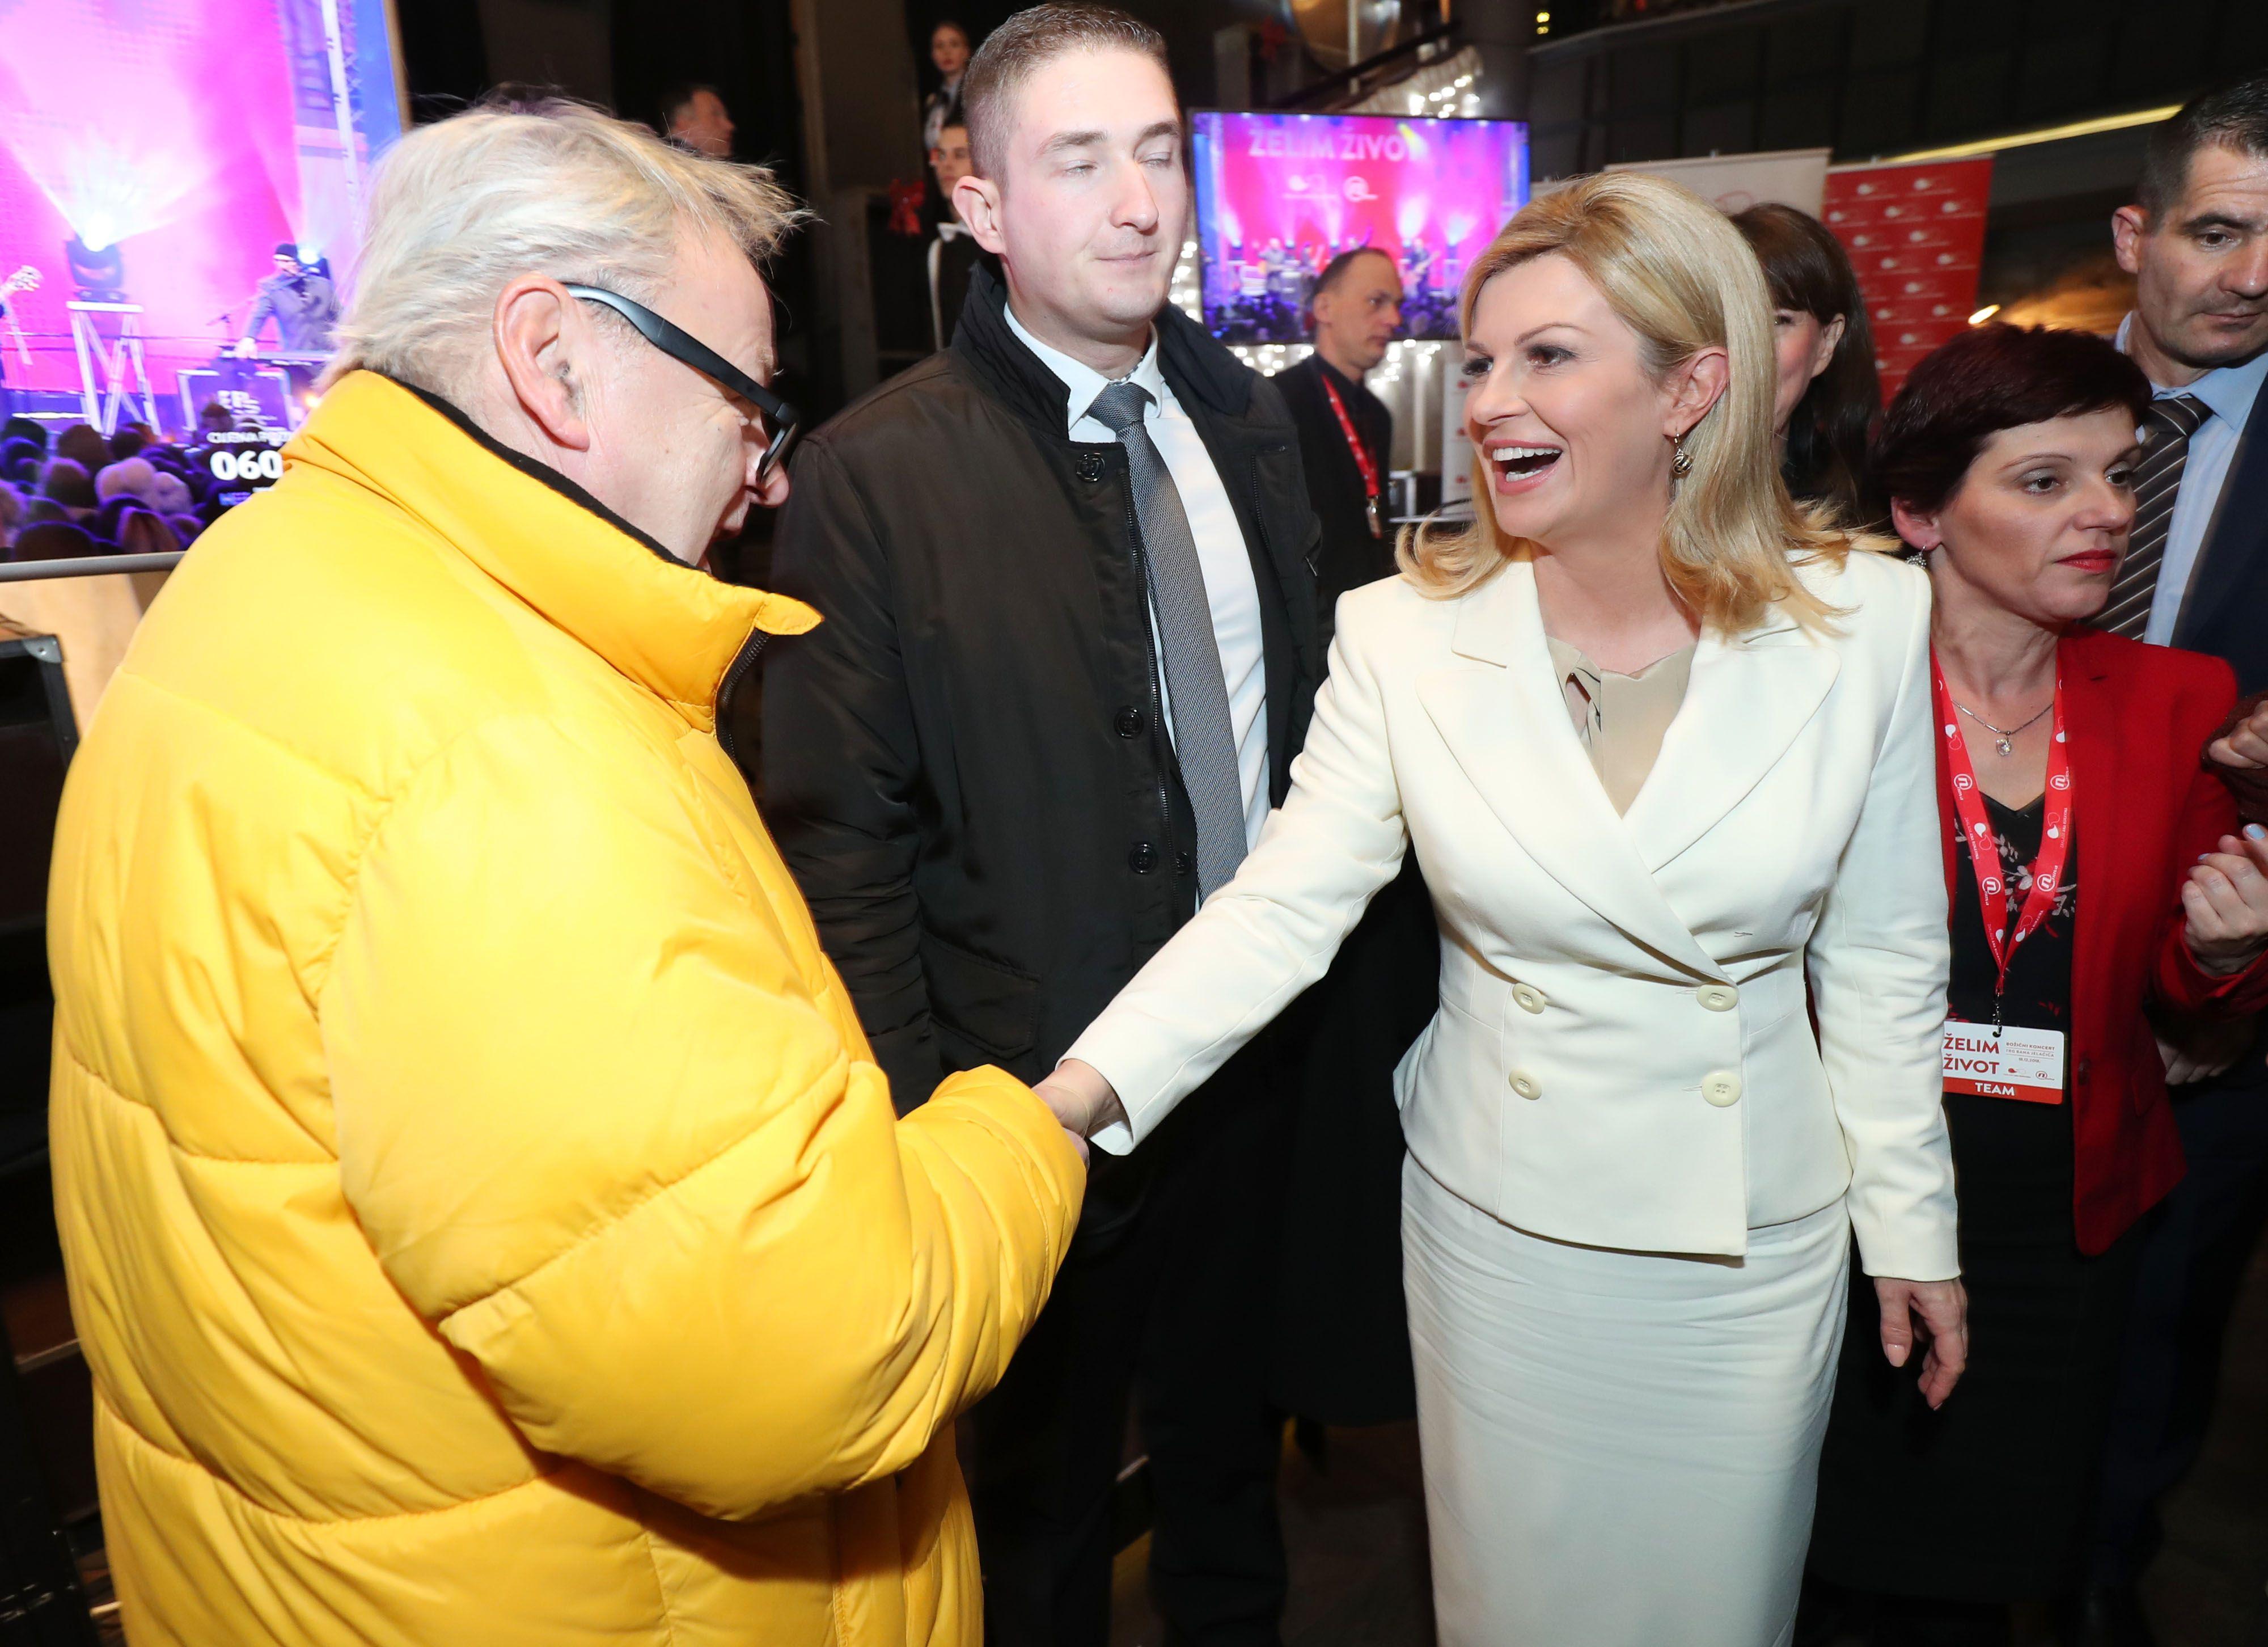 Netipično zimsko izdanje Kolinde Grabar Kitarović: Predsjednica nosi bijelo od glave do pete s domaćim potpisom